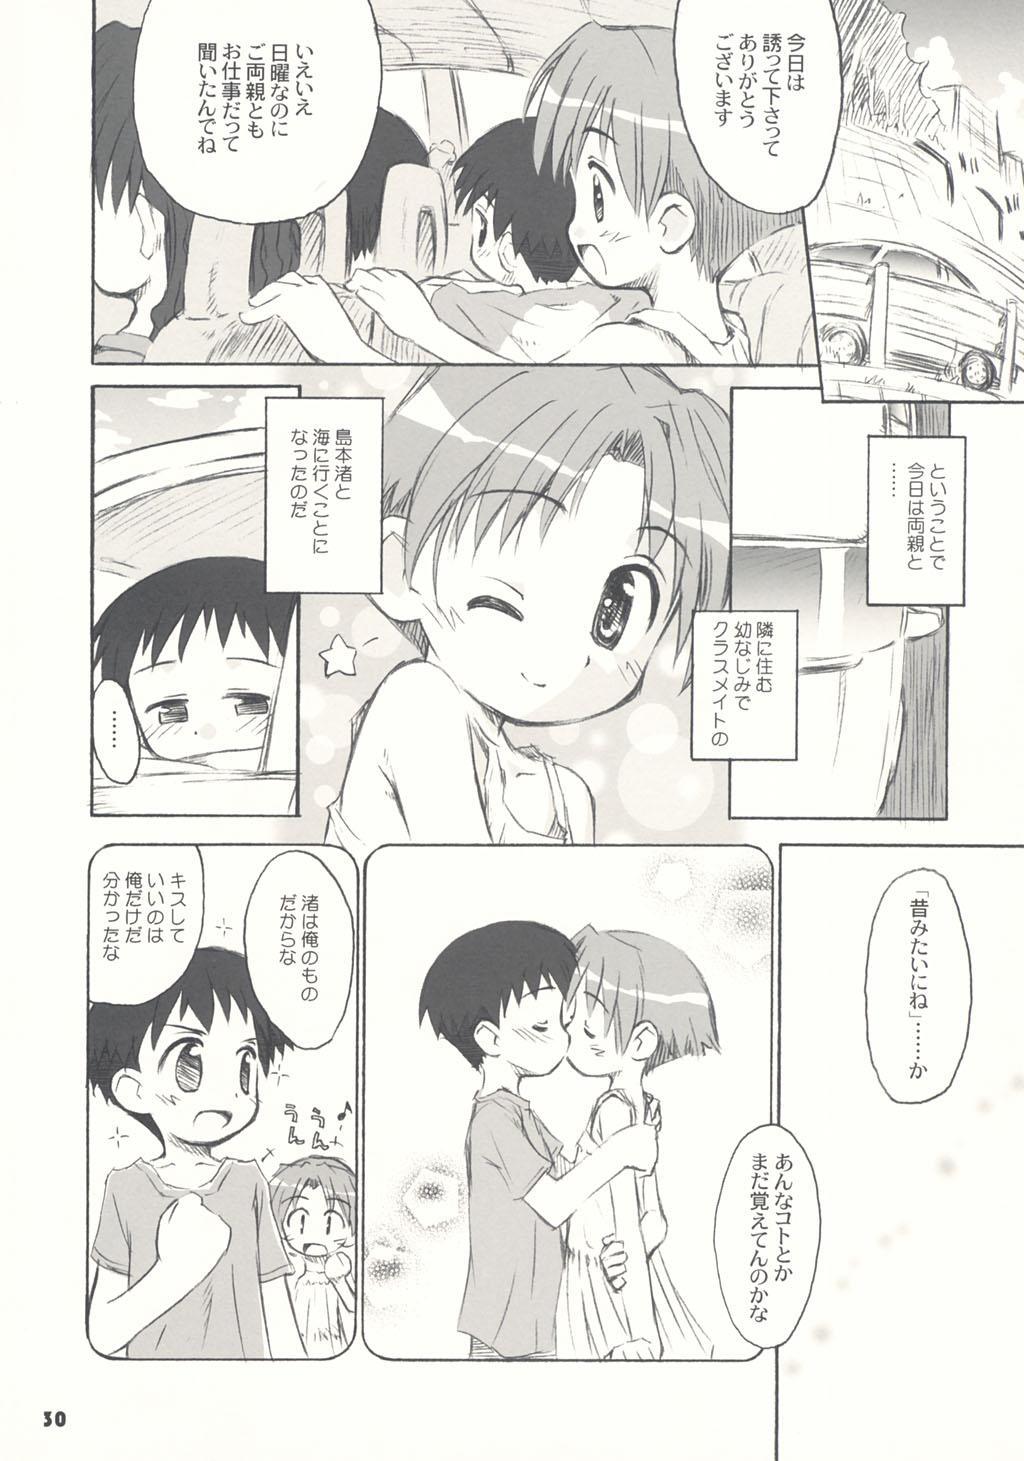 Tonari no Kimi 1-gakki 29